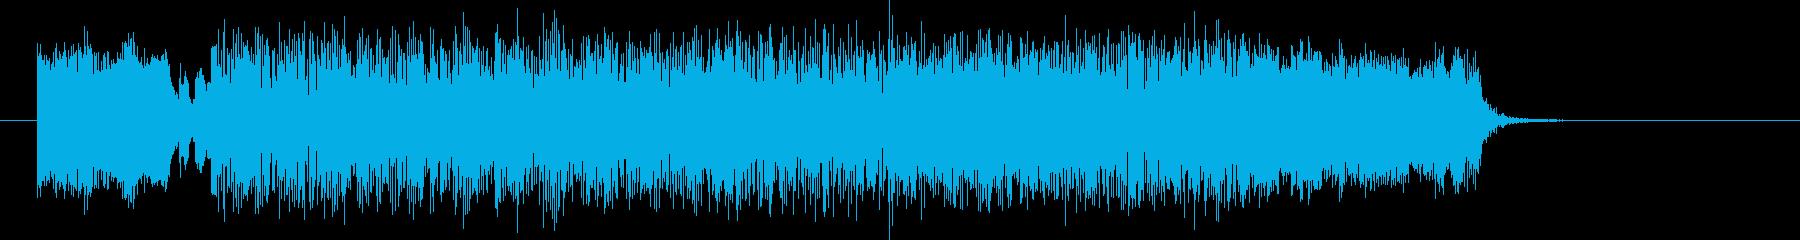 激しくかっこいいテクノ音楽の再生済みの波形